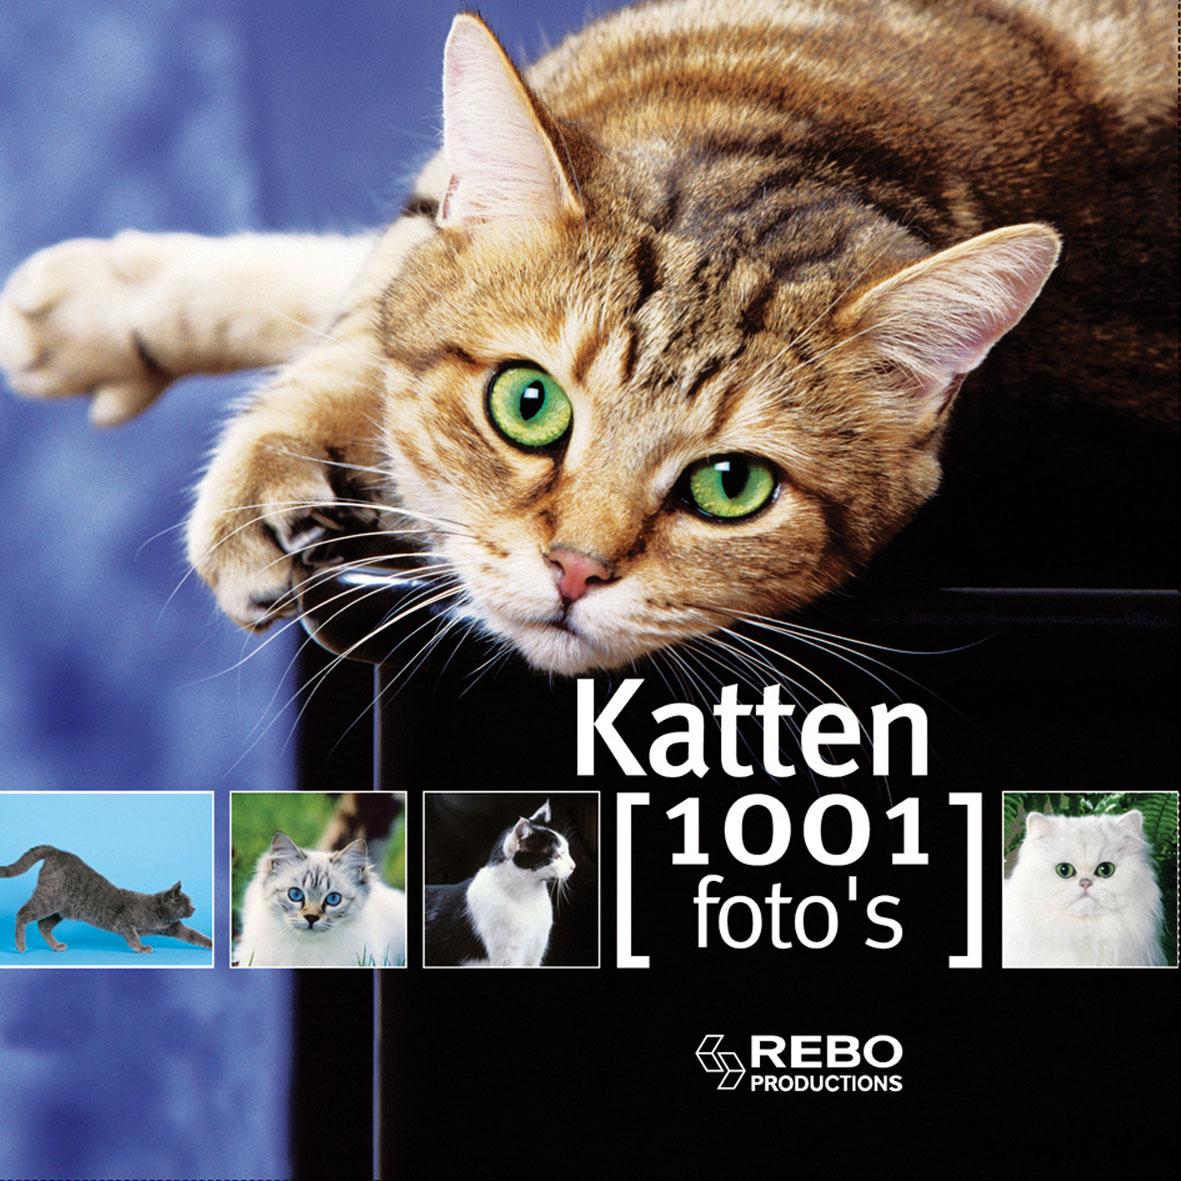 1001 foto's Katten